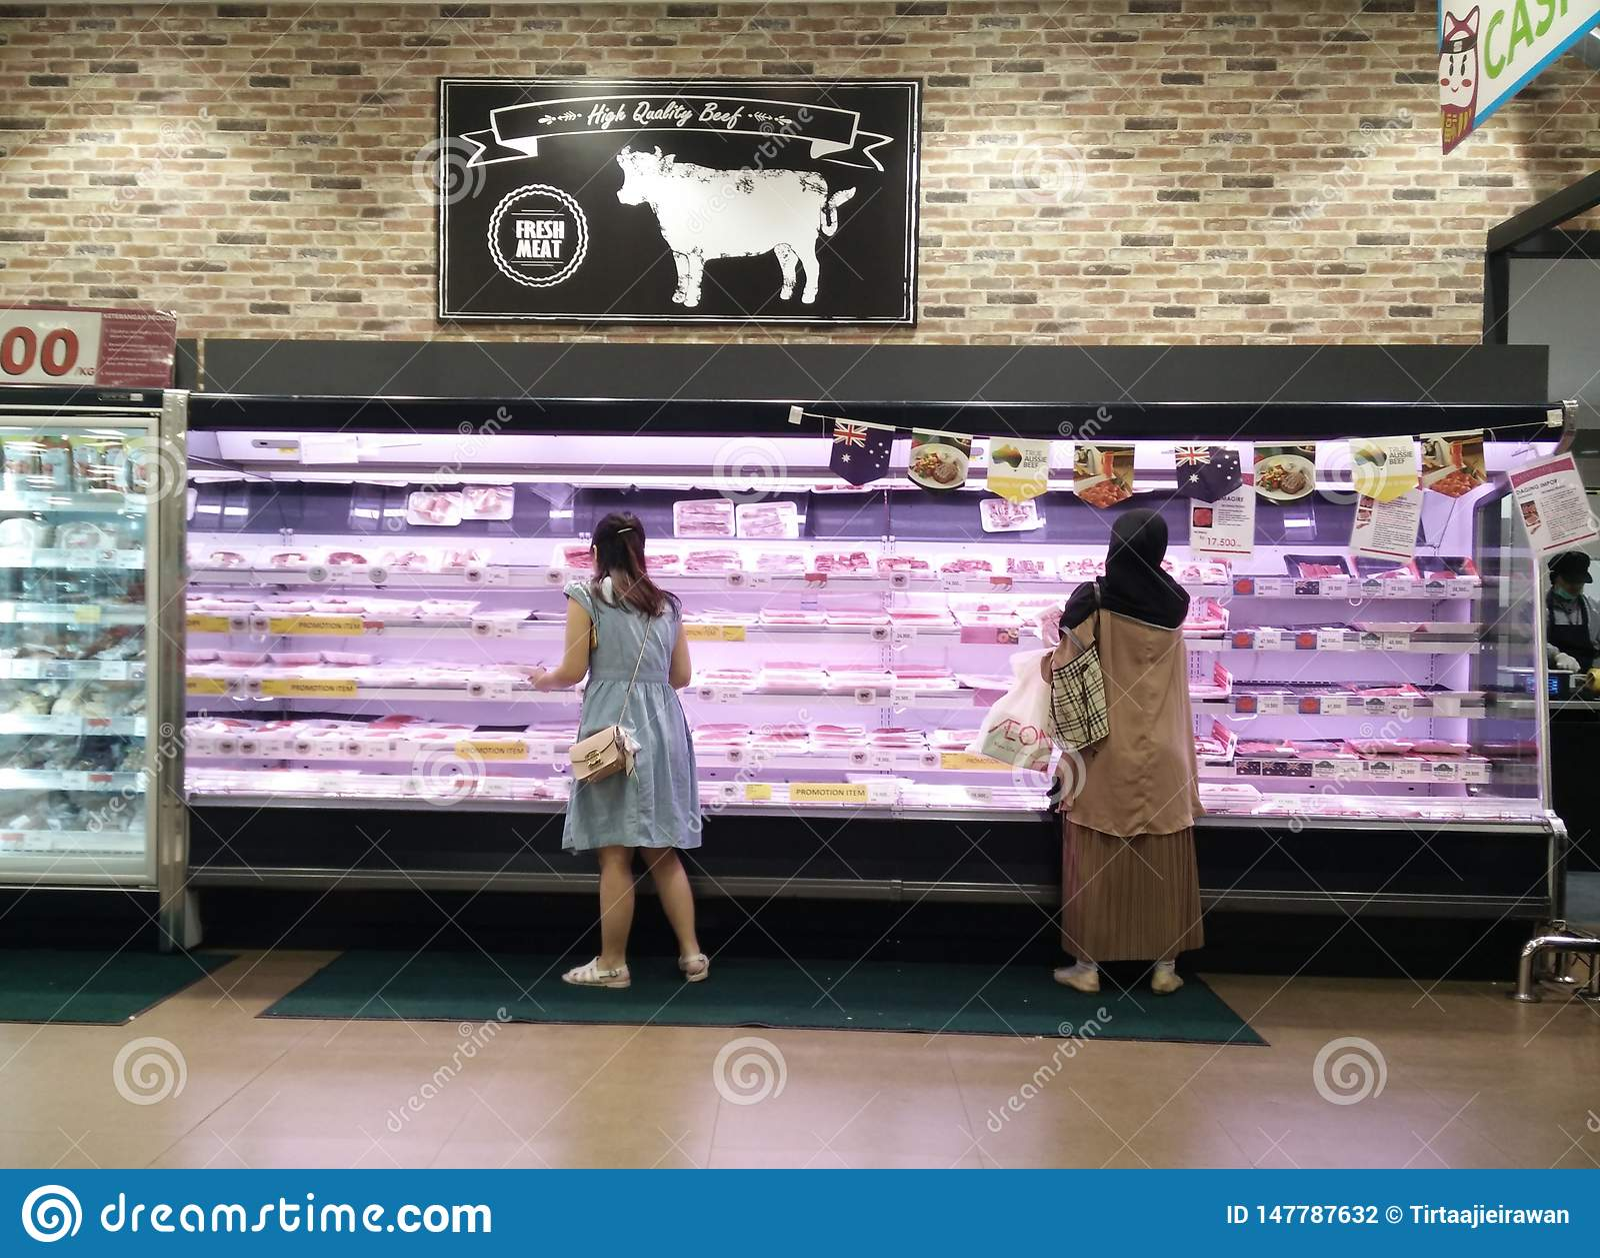 Bekasi västra Java/Indonesien mars 10 2019: Nytt kött på supermarket